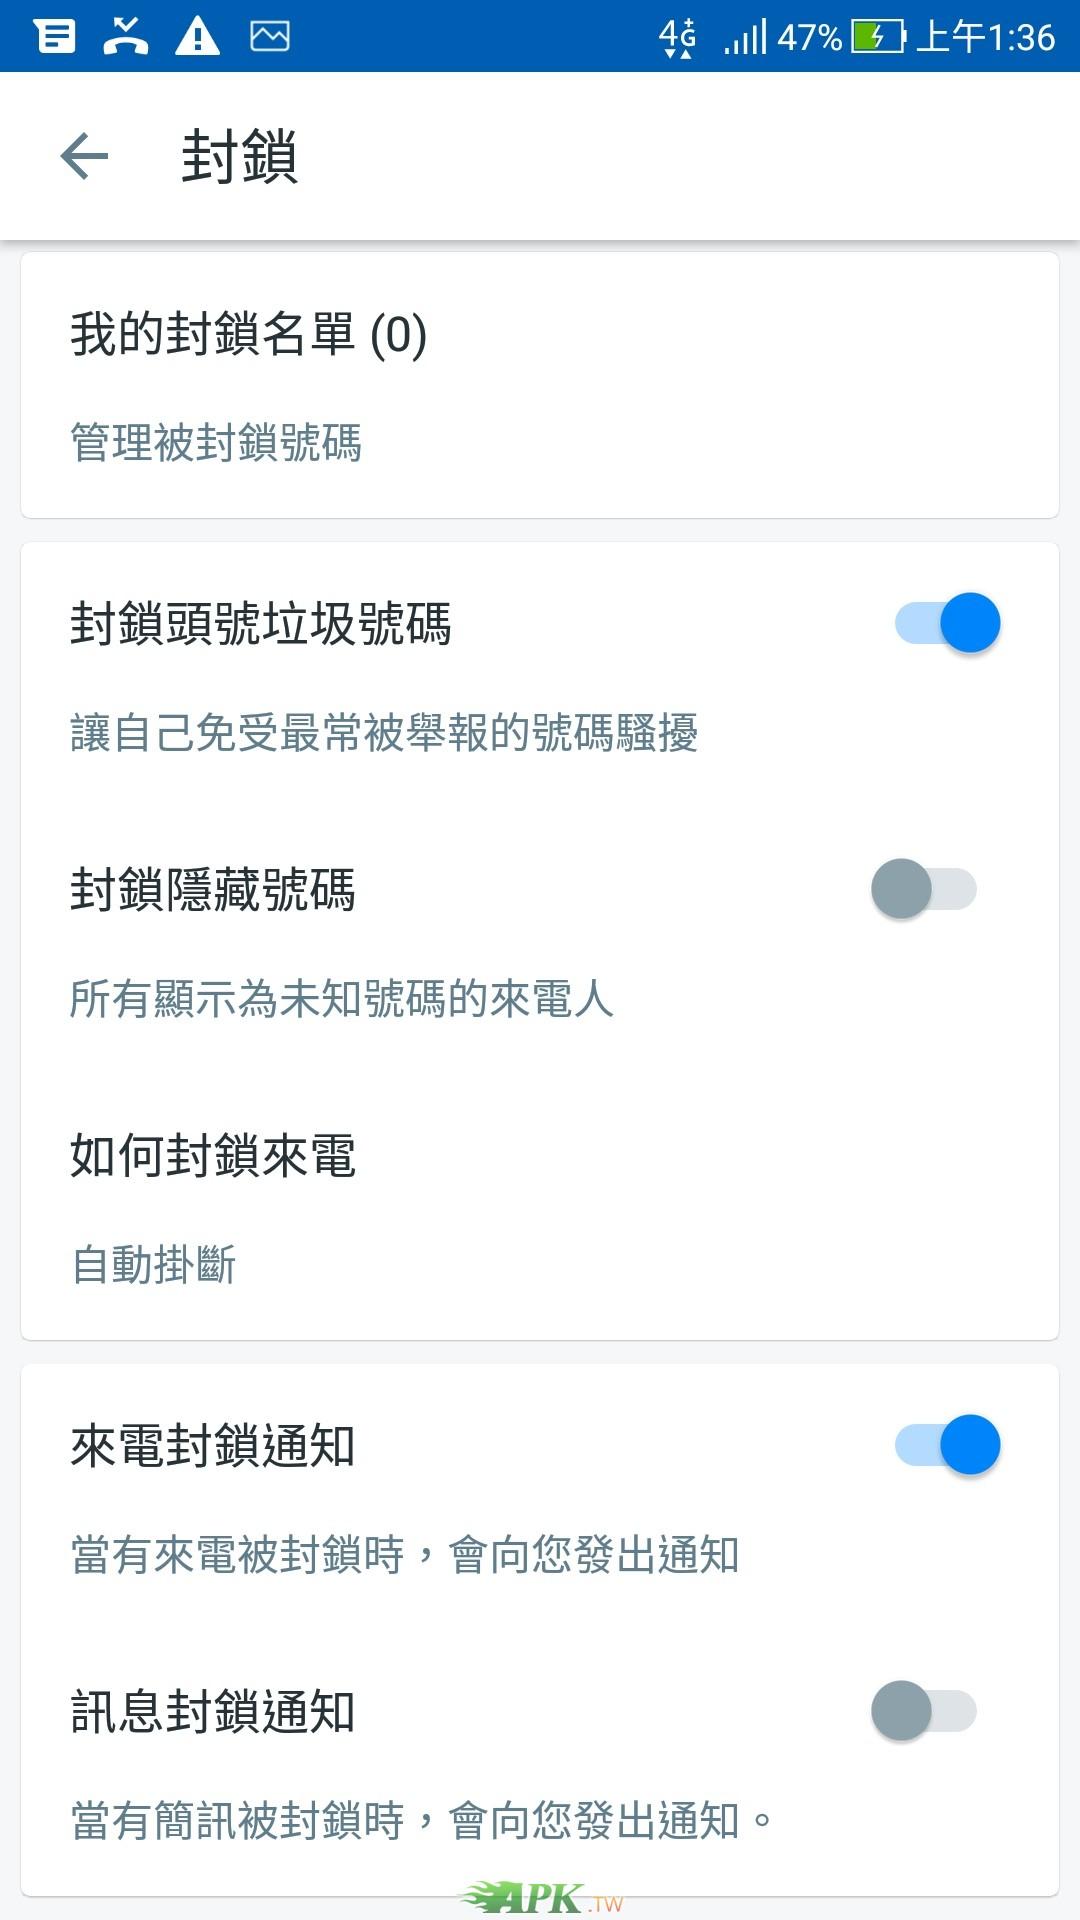 Screenshot_20181110-013639.jpg